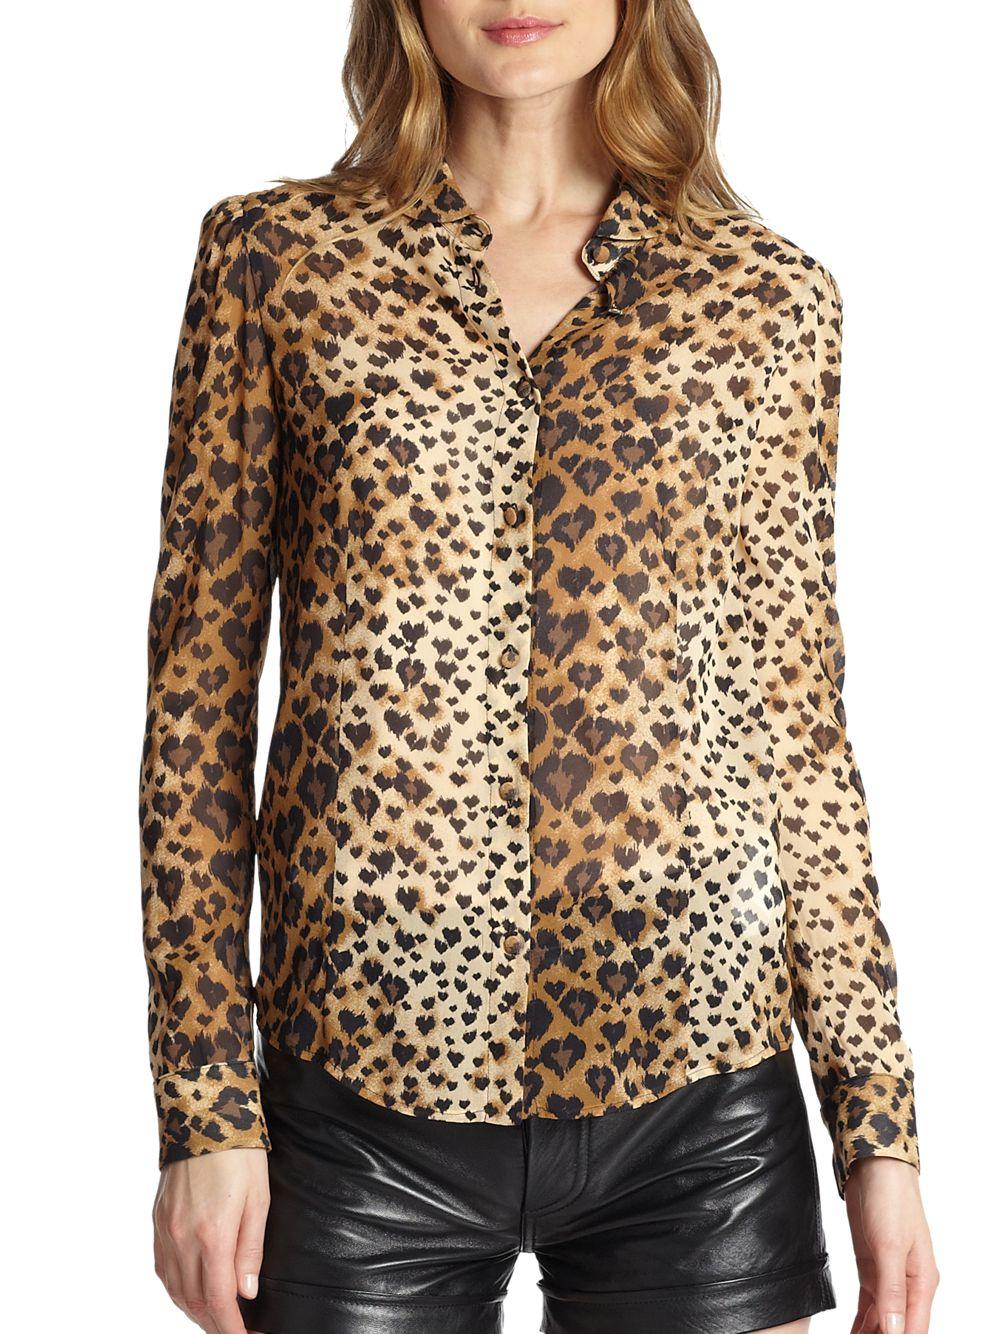 Leopard Blouse Ebay 42